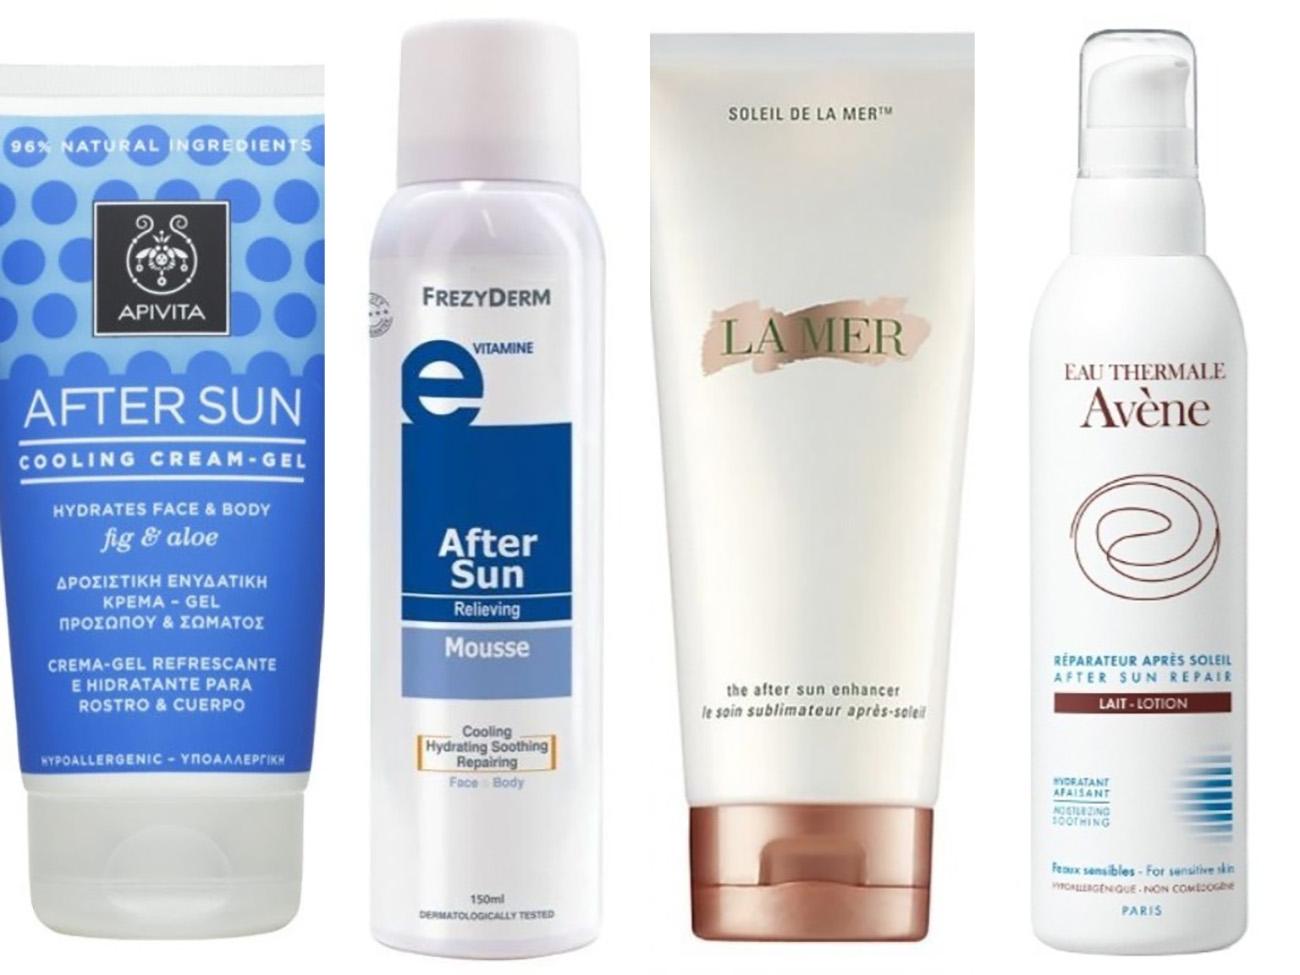 """7 προϊόντα που θα """"σώσουν"""" το δέρμα σου αυτό το καλοκαίρι"""